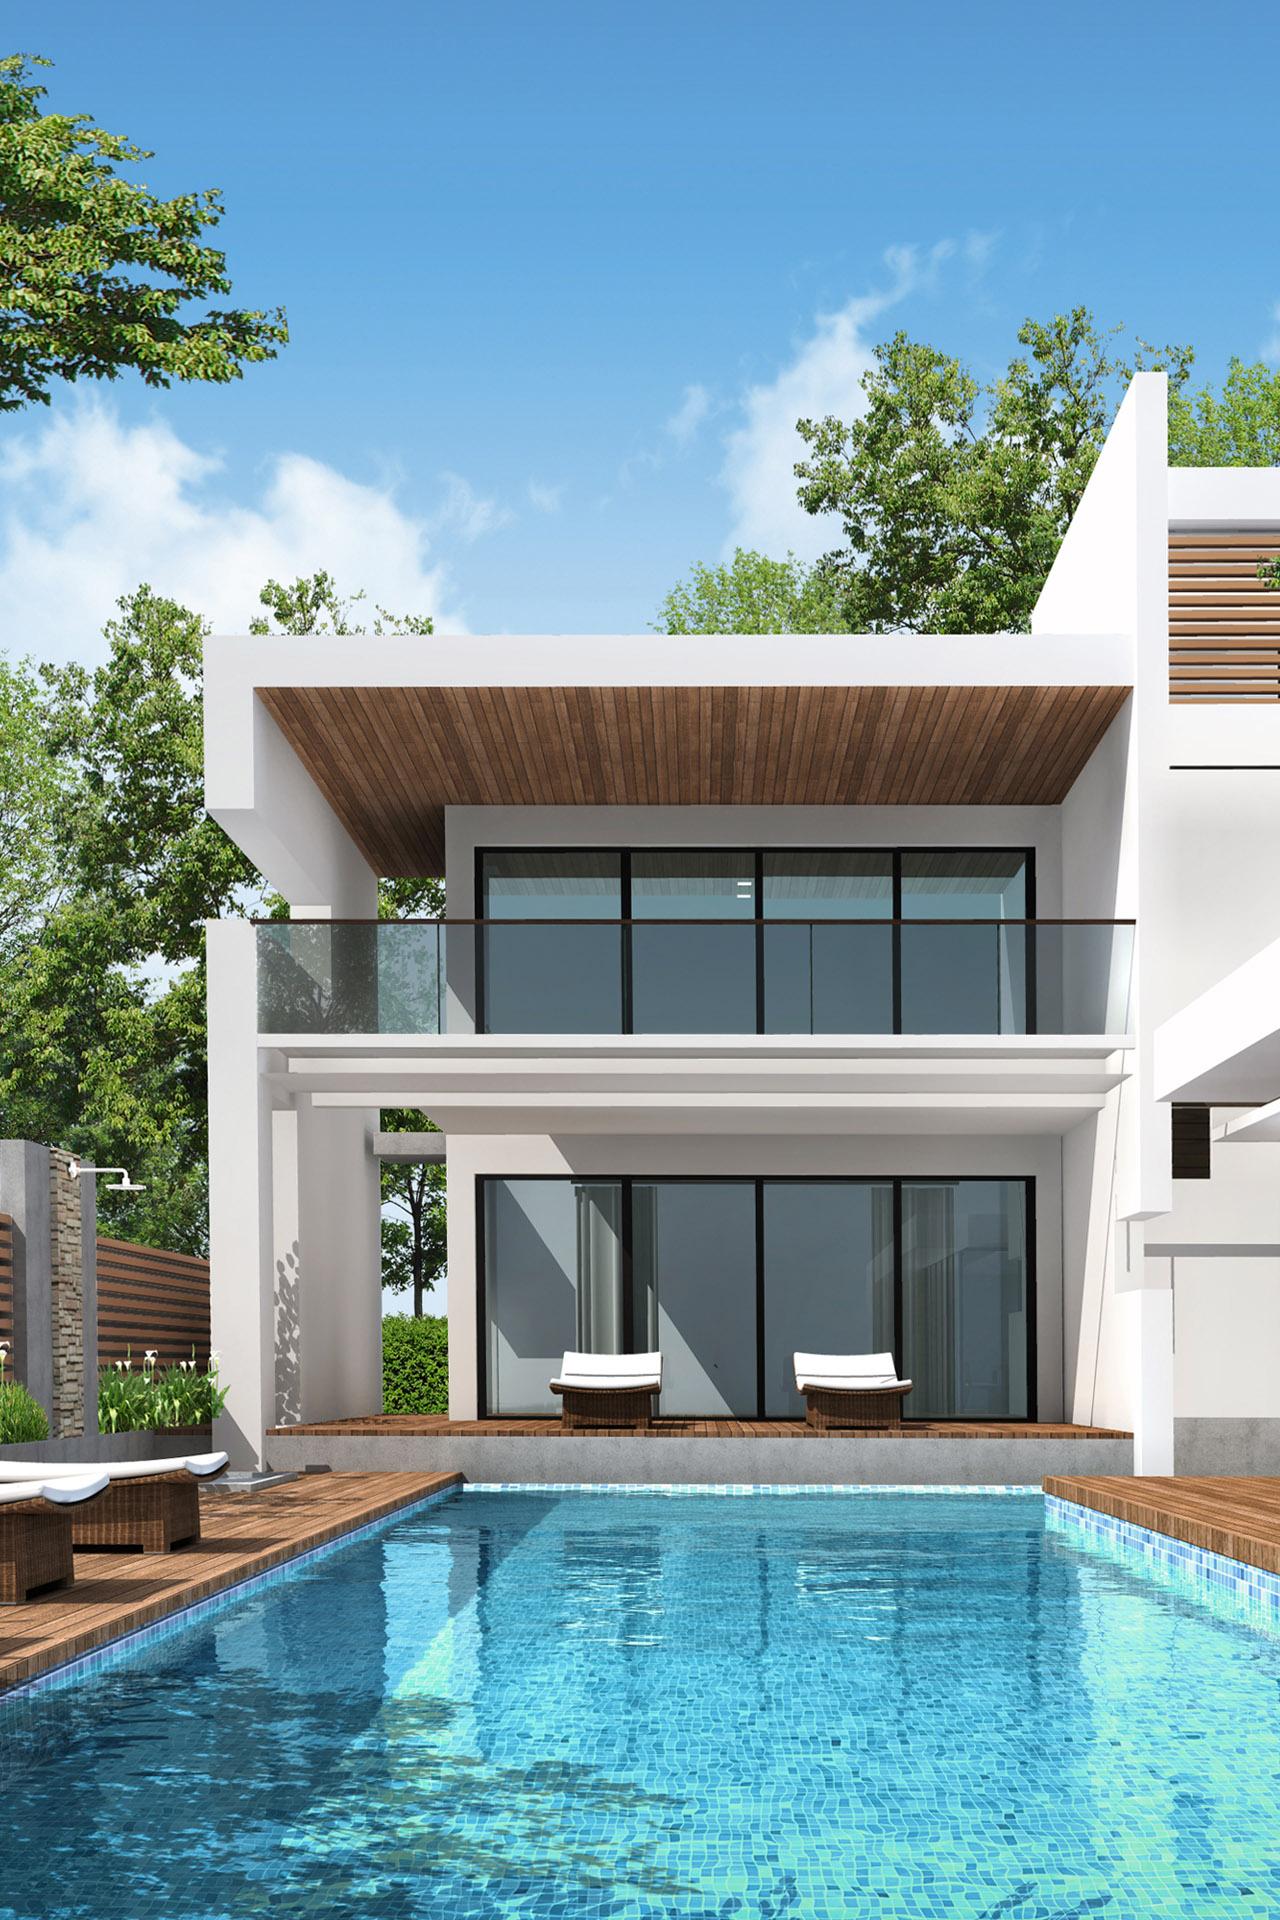 Bilder VU Photography Architecture - Architektur